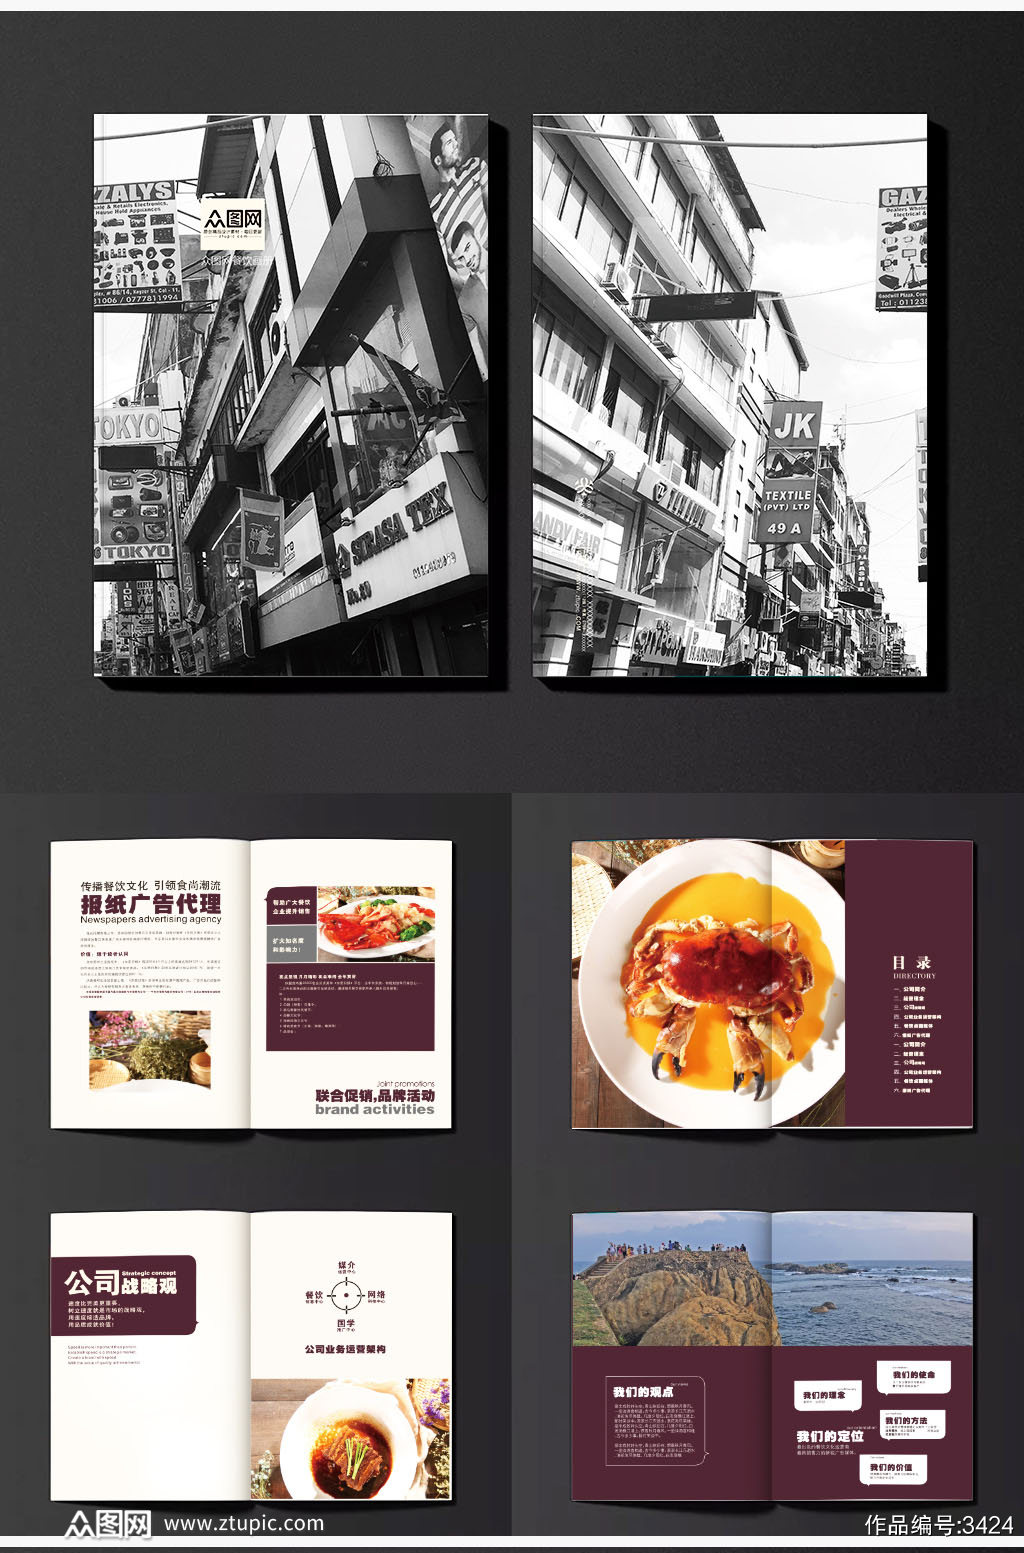 高端时尚高档中餐厅画册素材